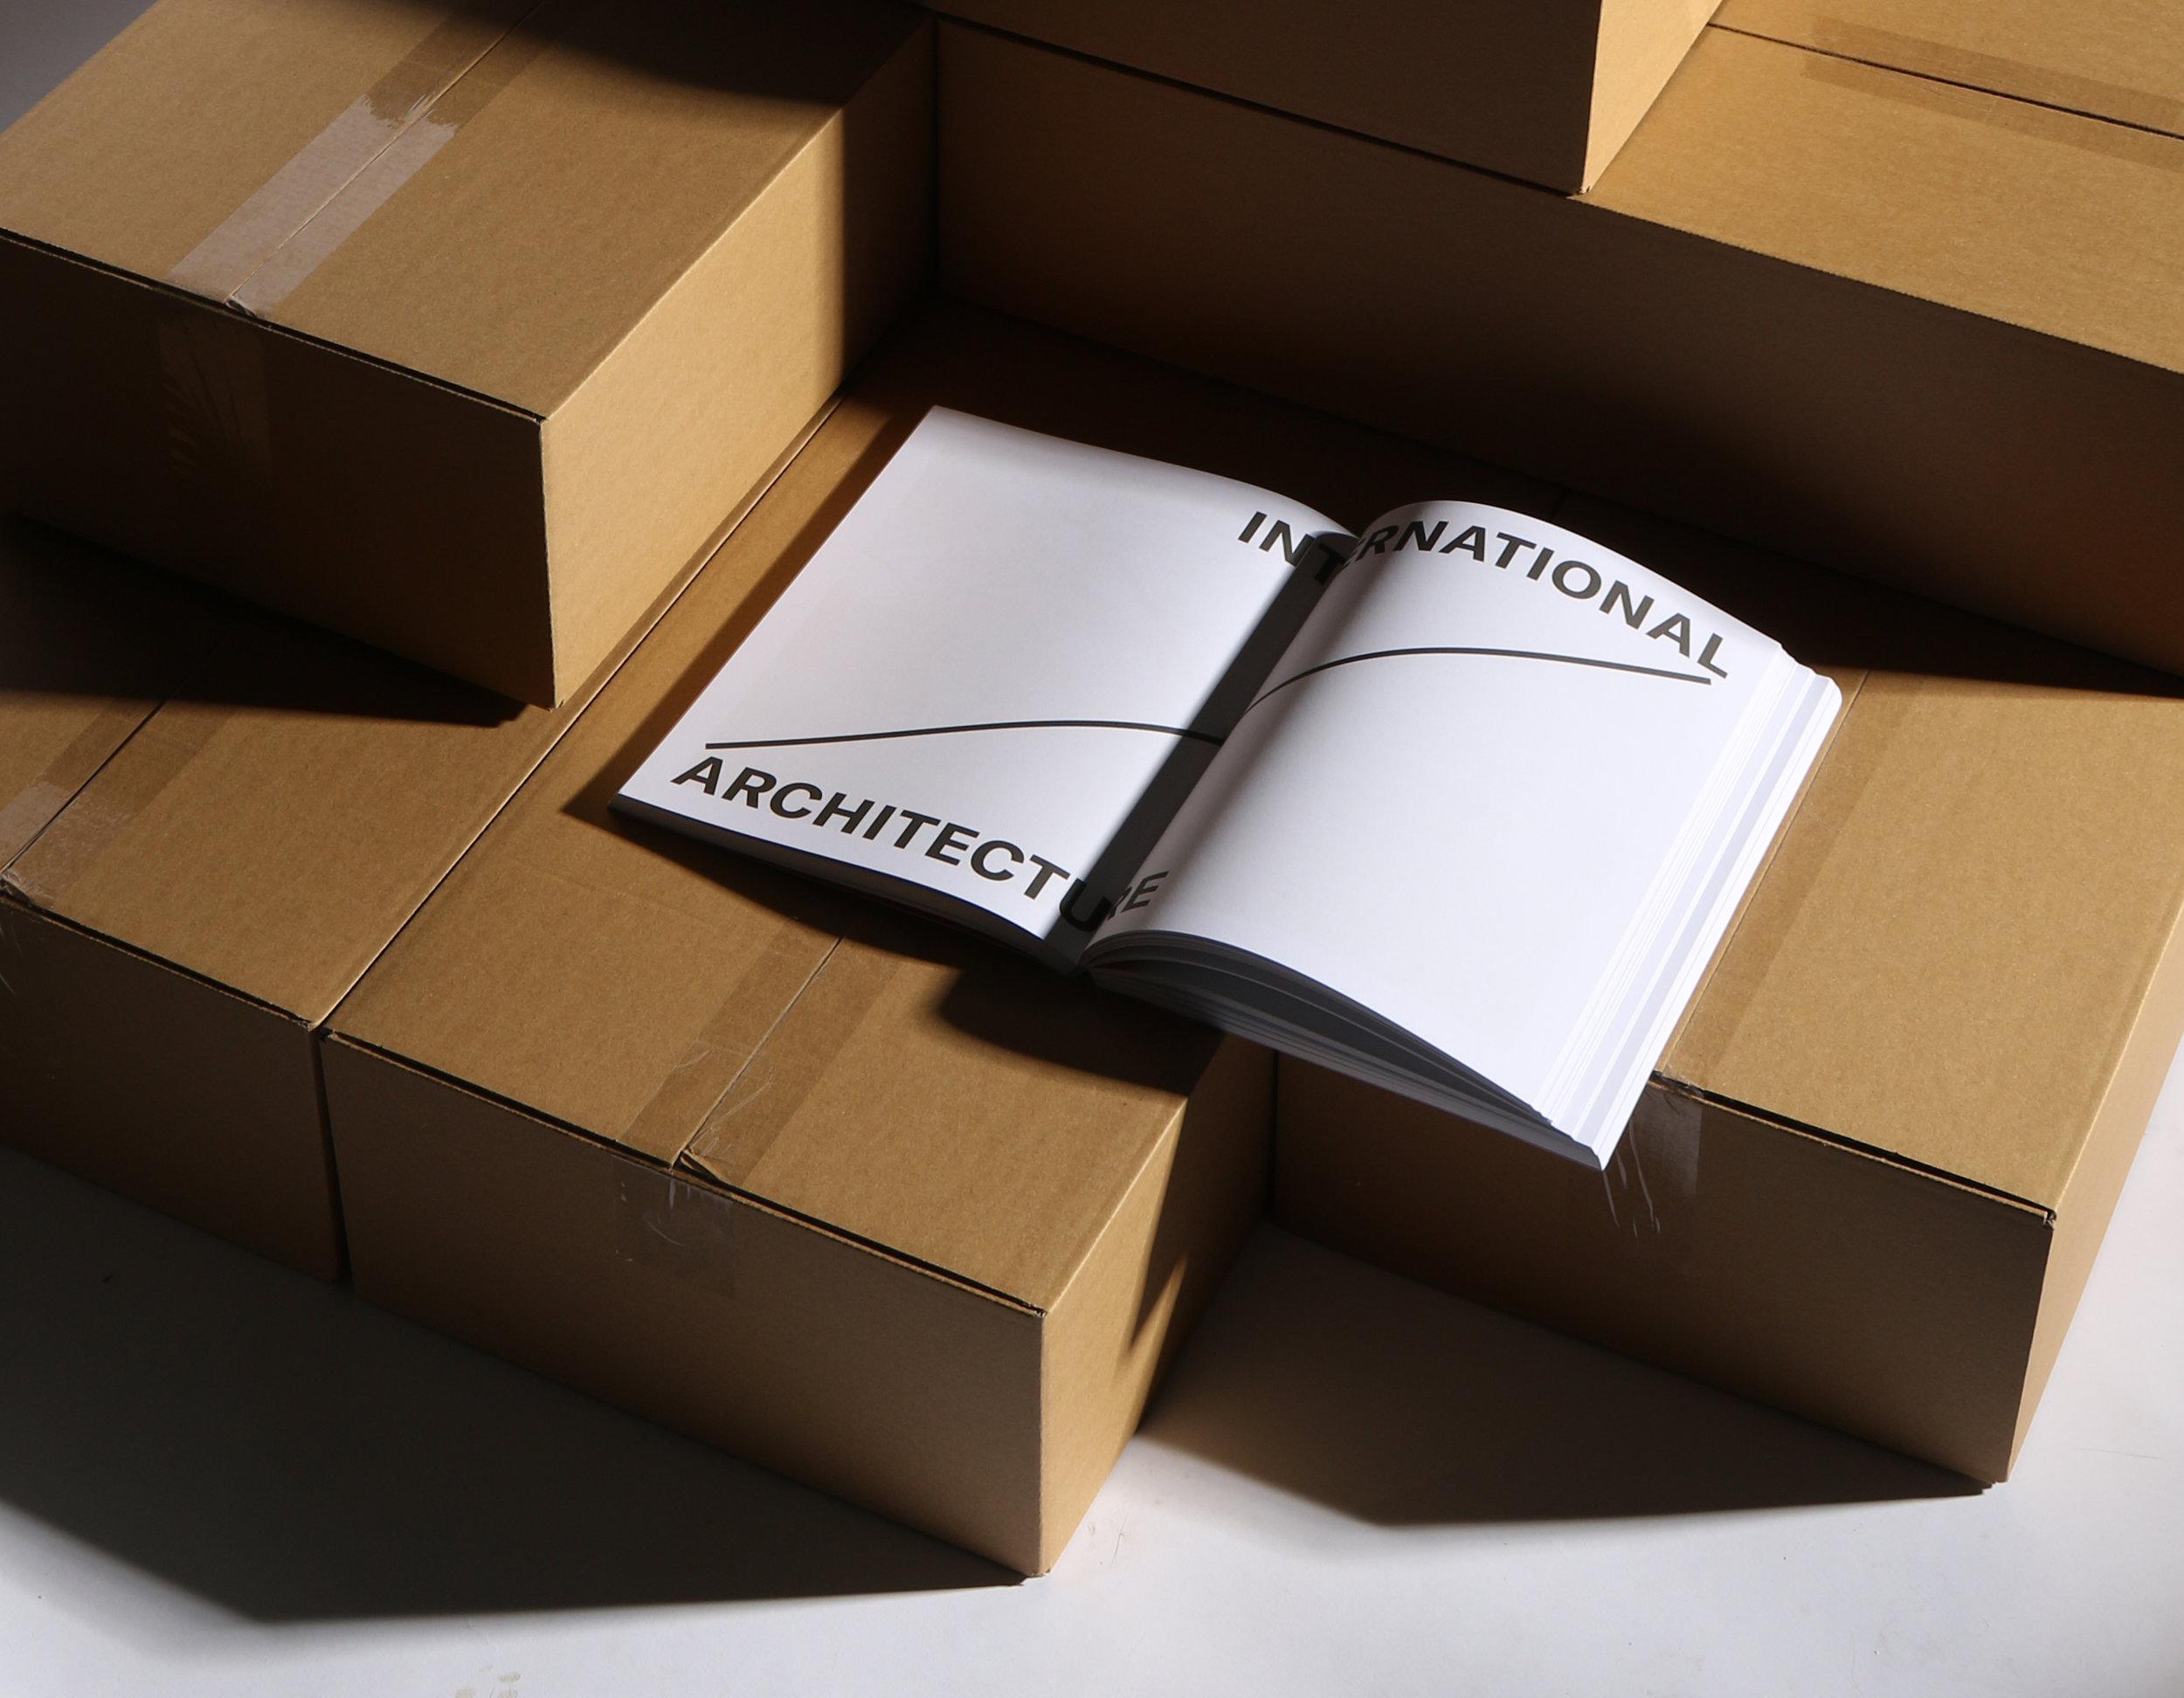 Studio-Verena-Hennig-Atlanta-Design-Festival-Book-2018-6.jpg